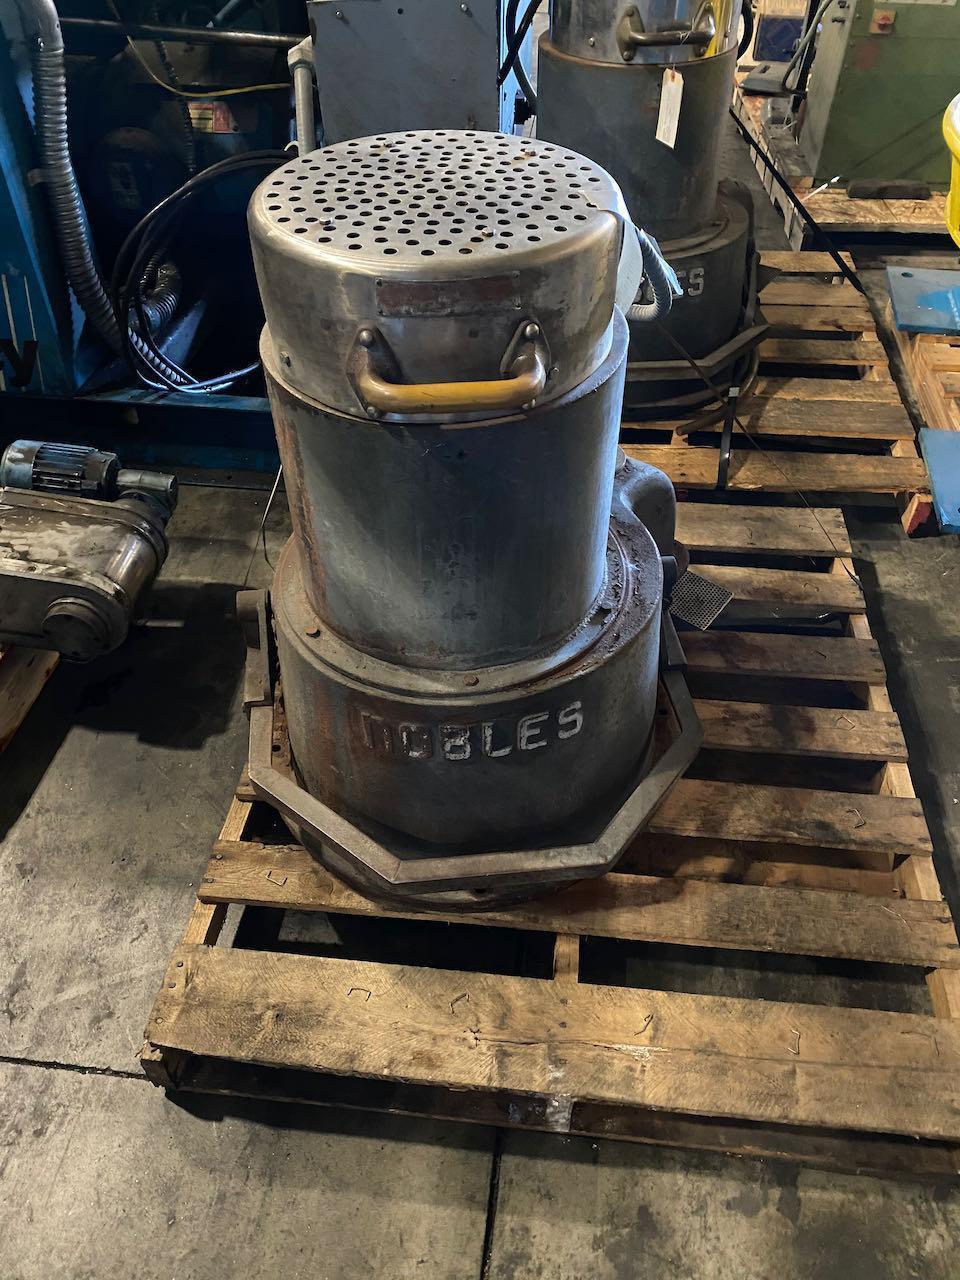 Nobles Spin Dryer Model 9263-1251